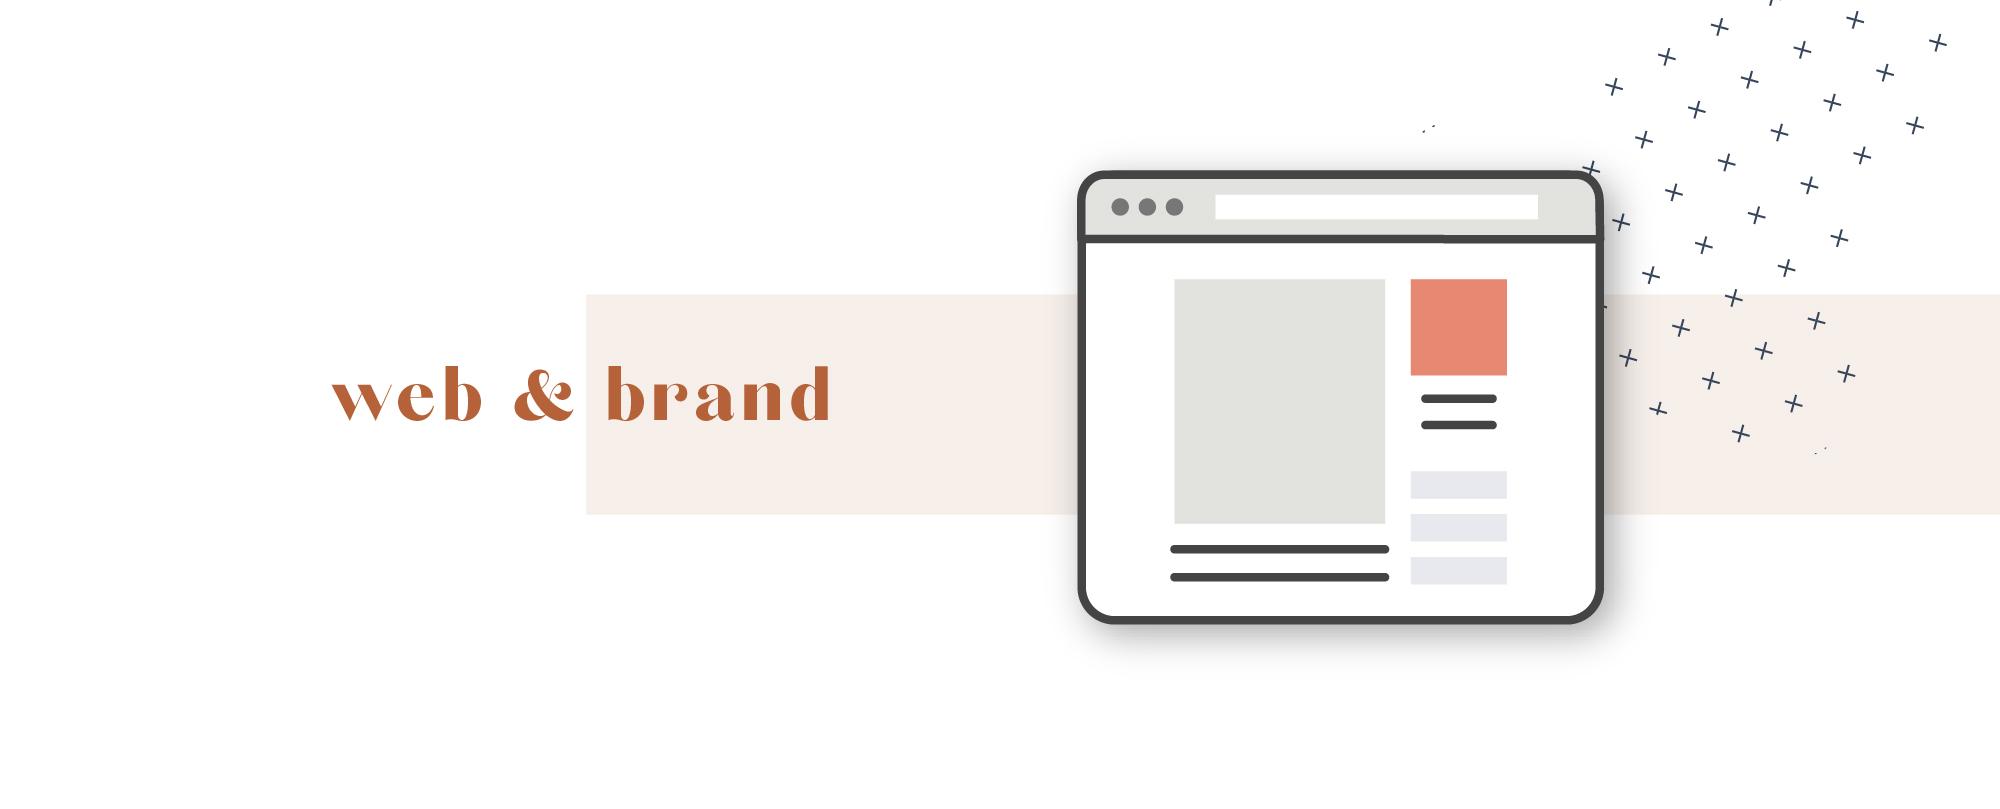 web & Brand.jpg